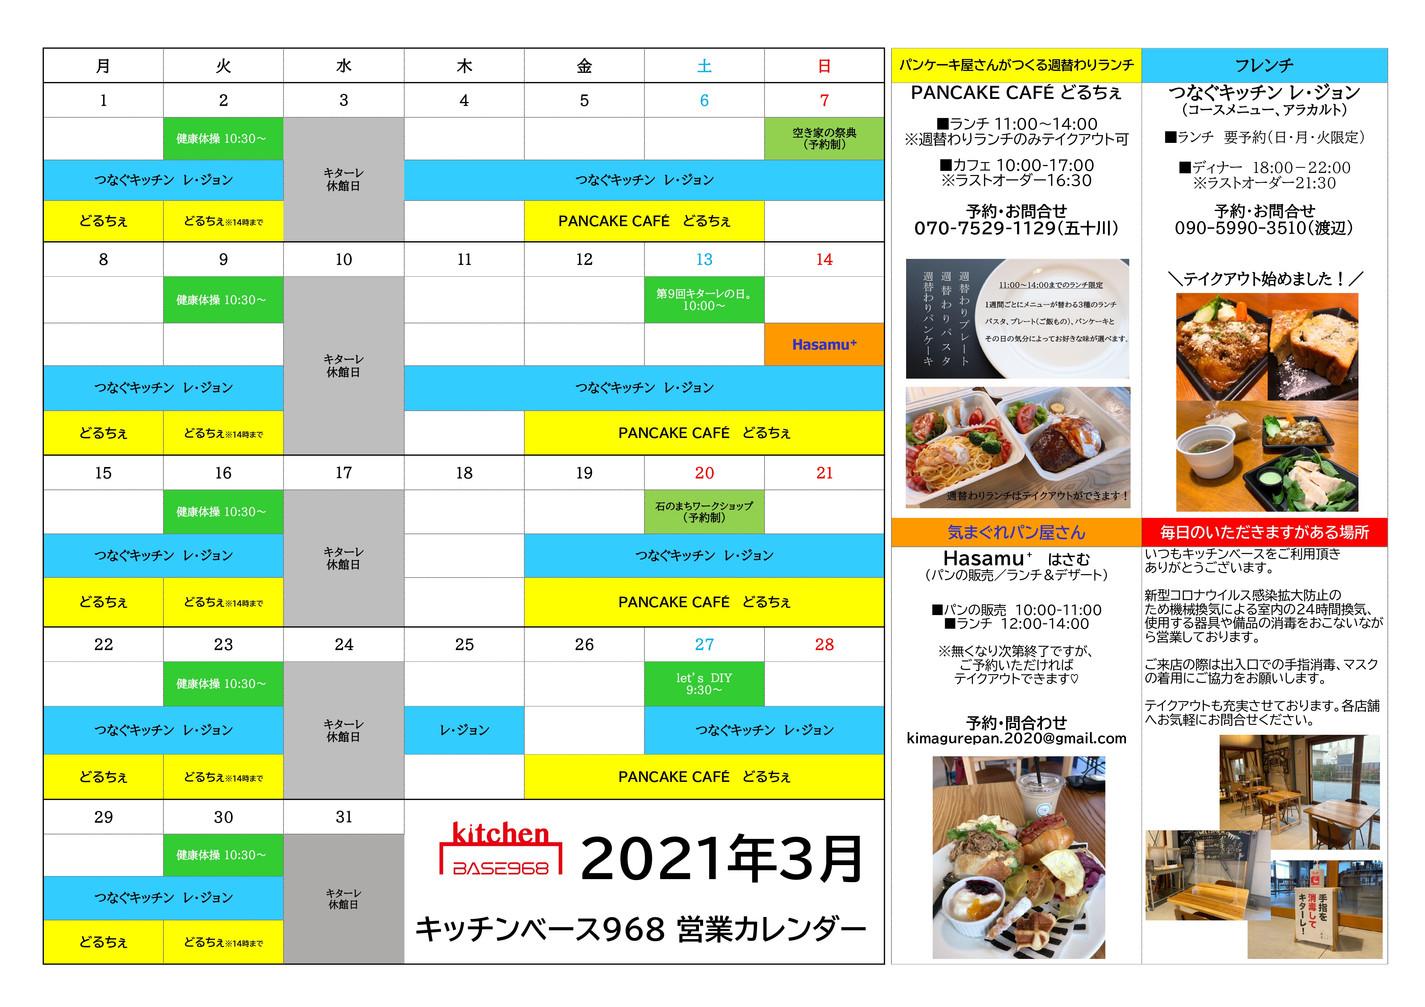 【2/26更新】3月シェアキッチン営業カレンダー